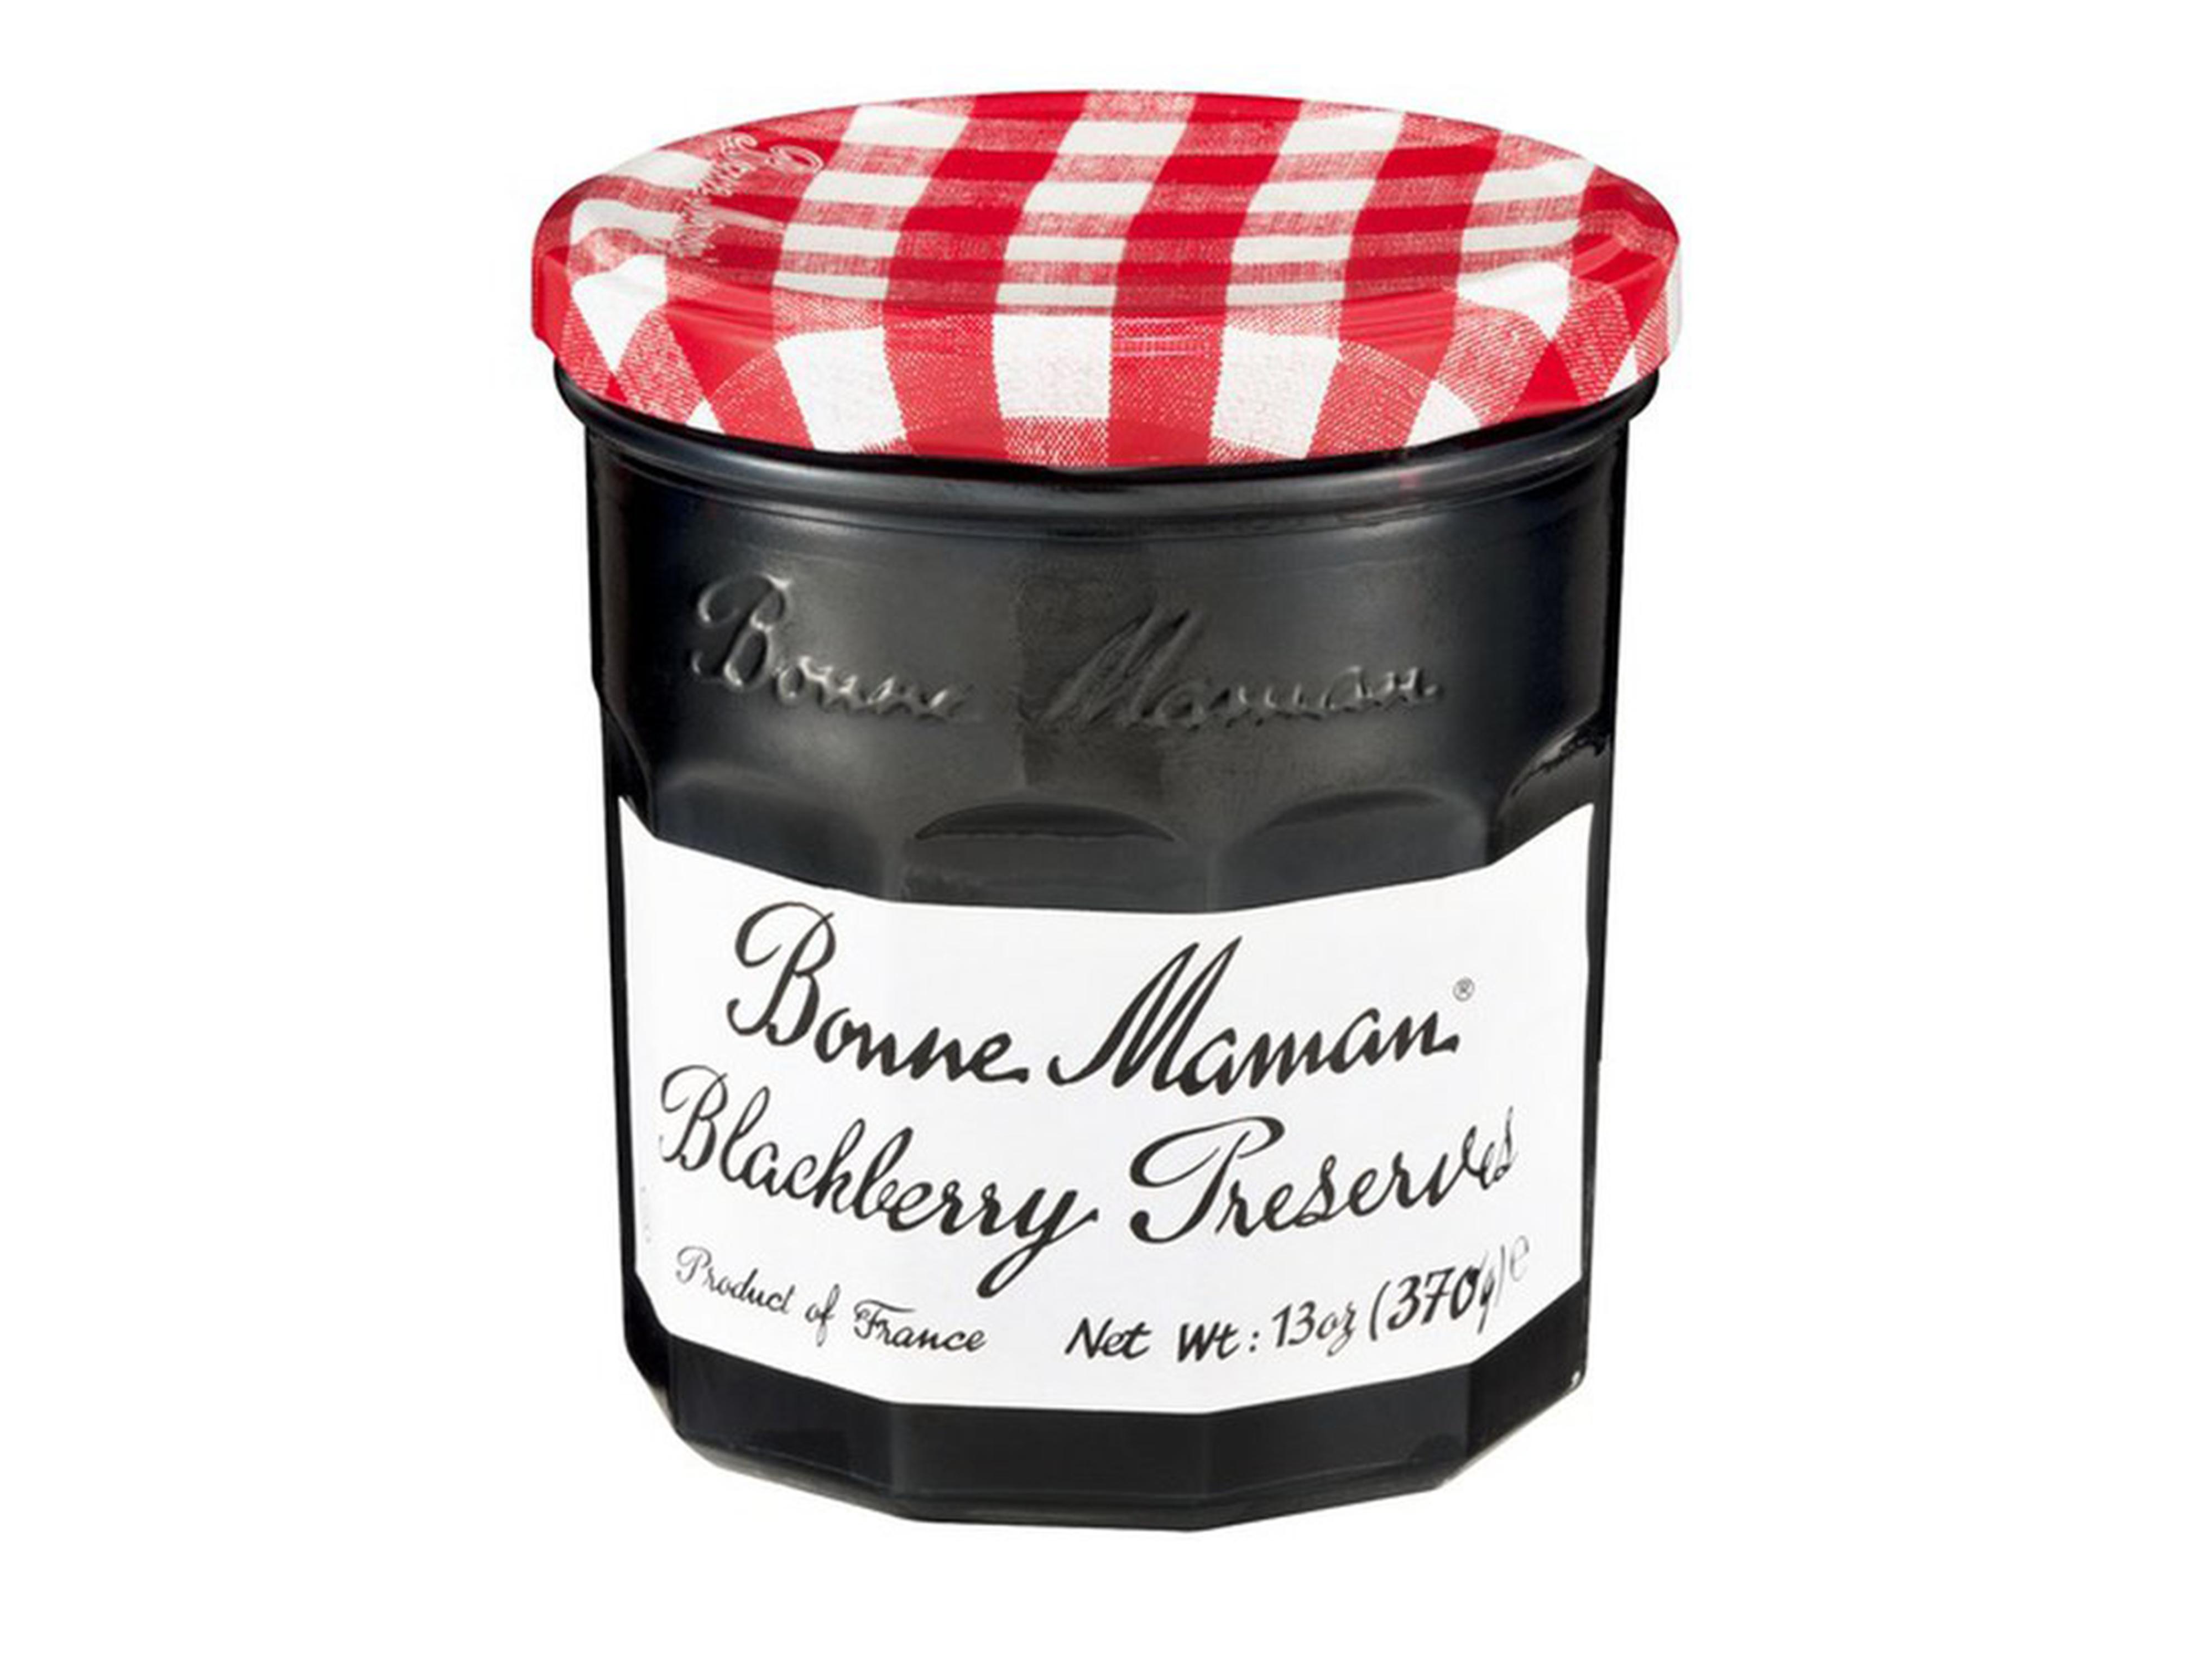 bonne-maman-blackberry